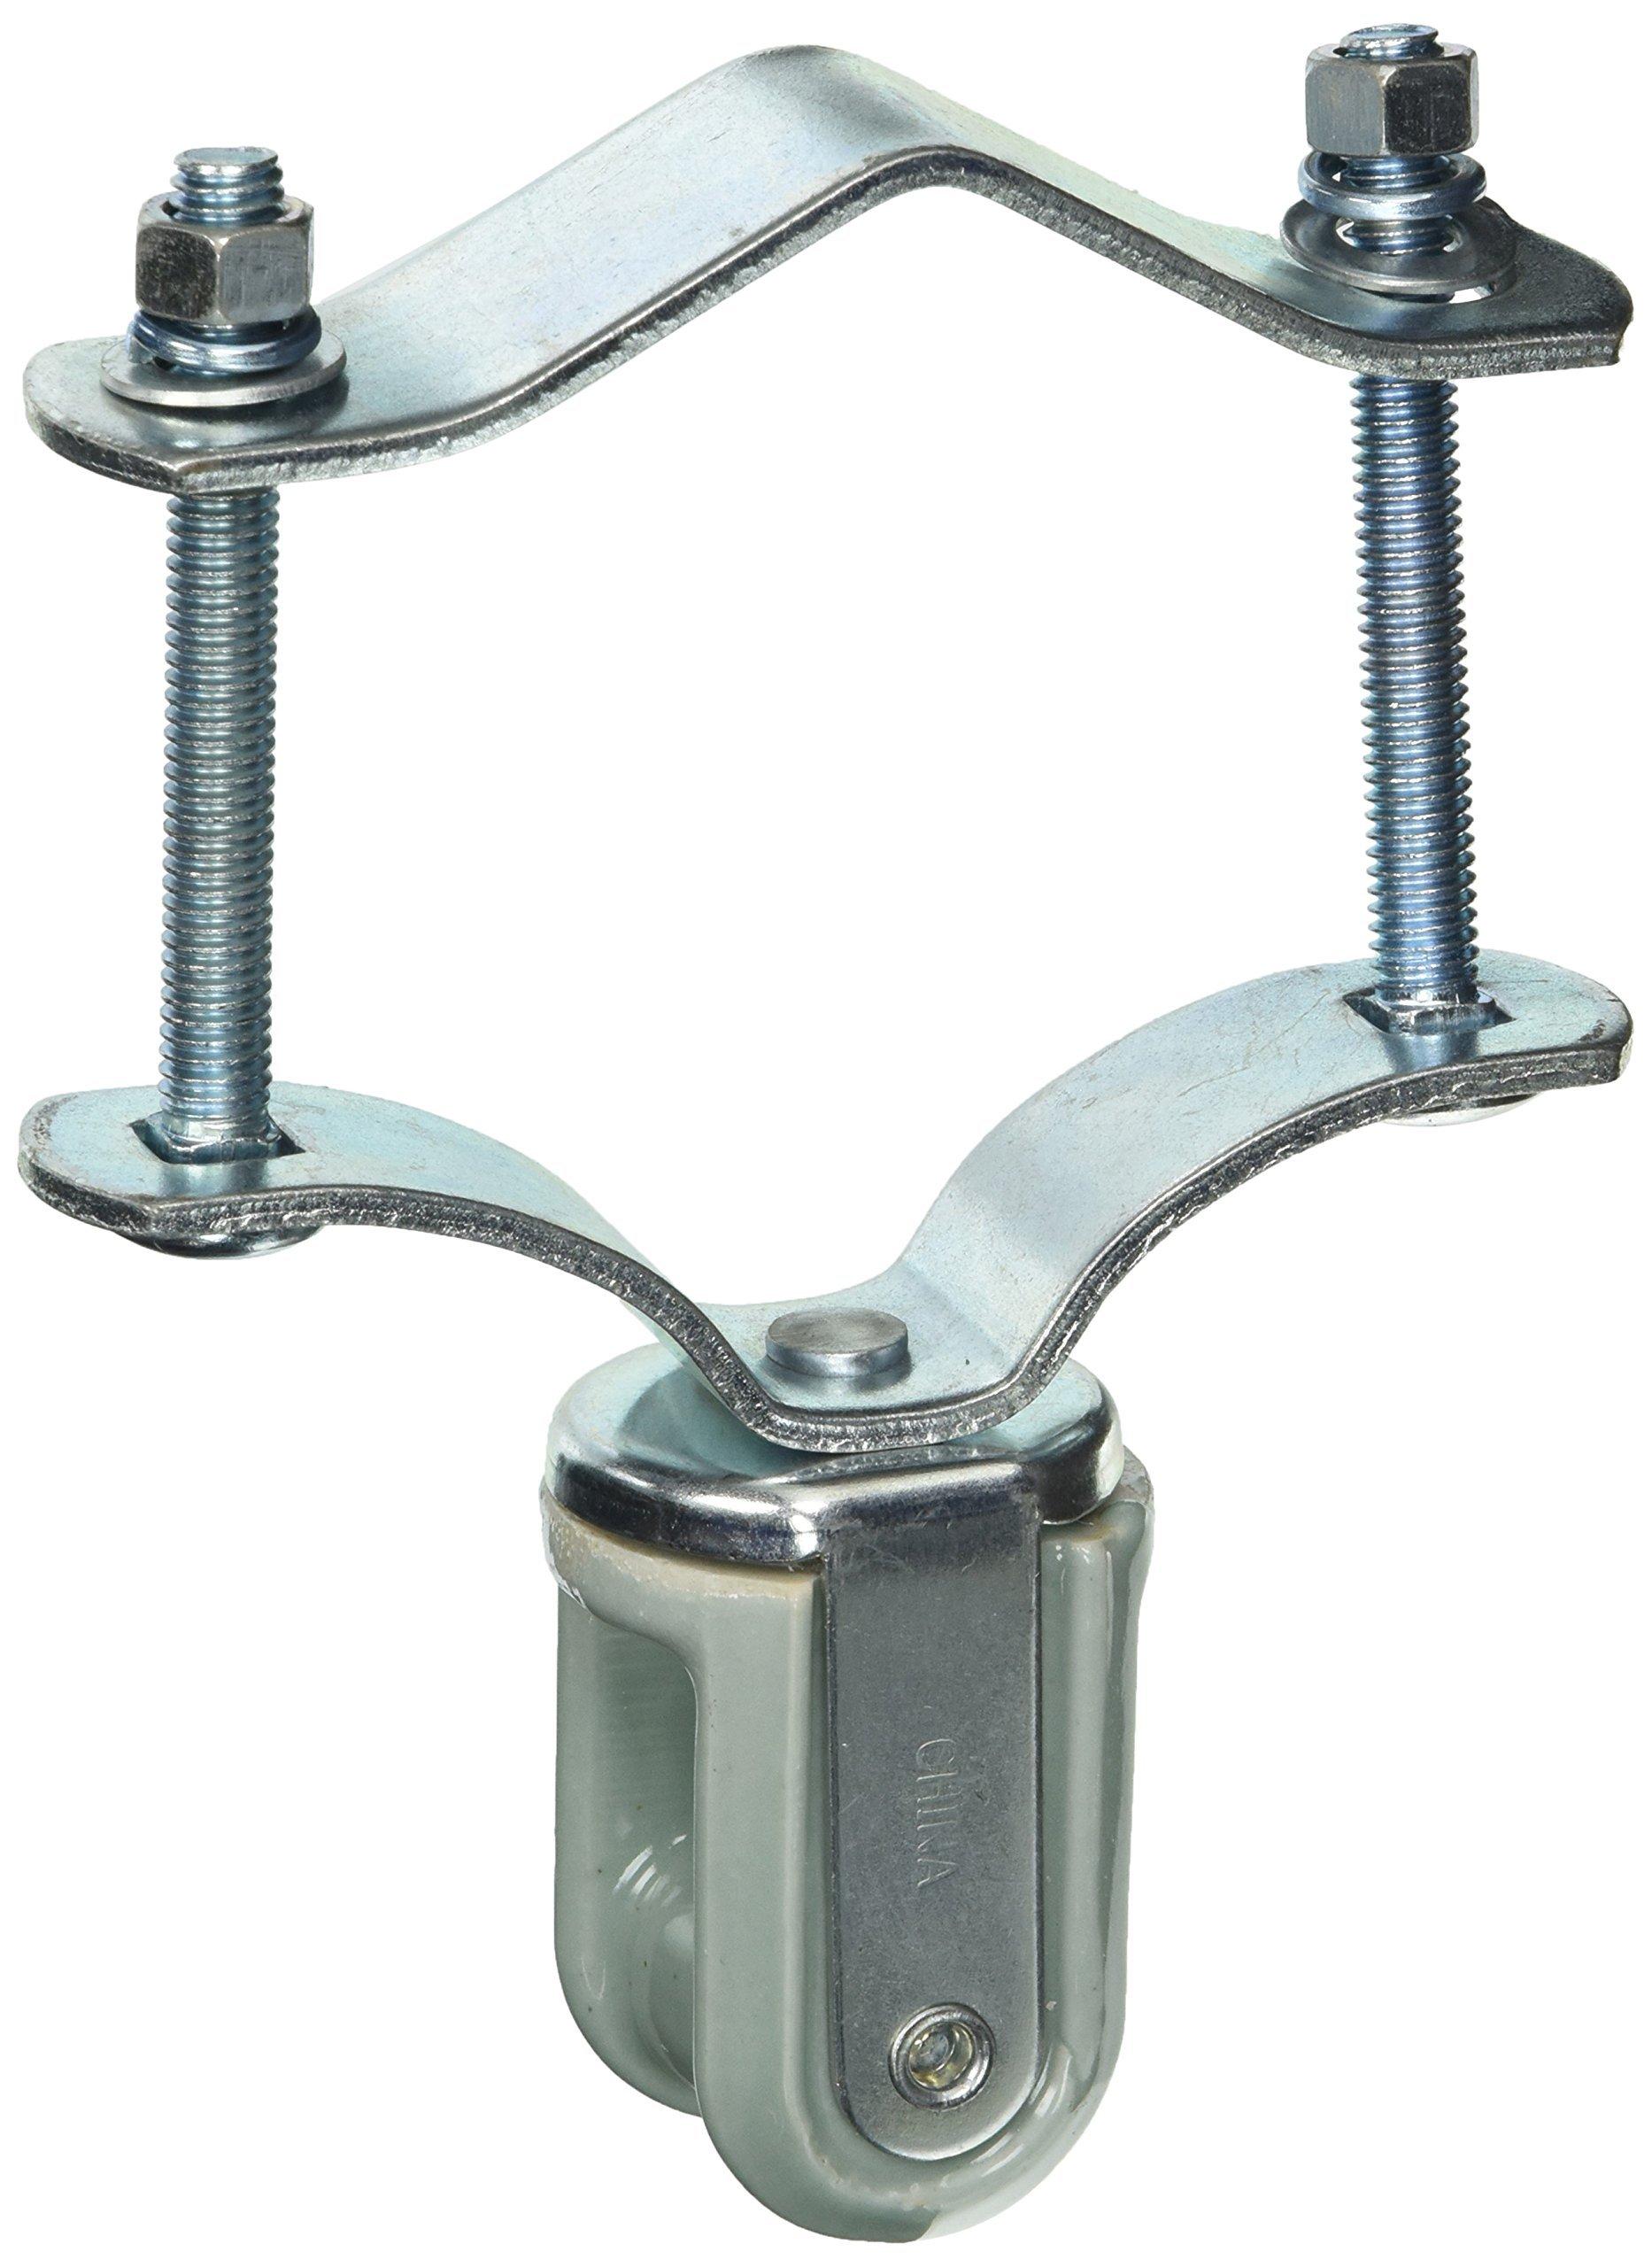 Halex 60525 1-1/4-Inch X 3-Inch Adjustable Wireholder